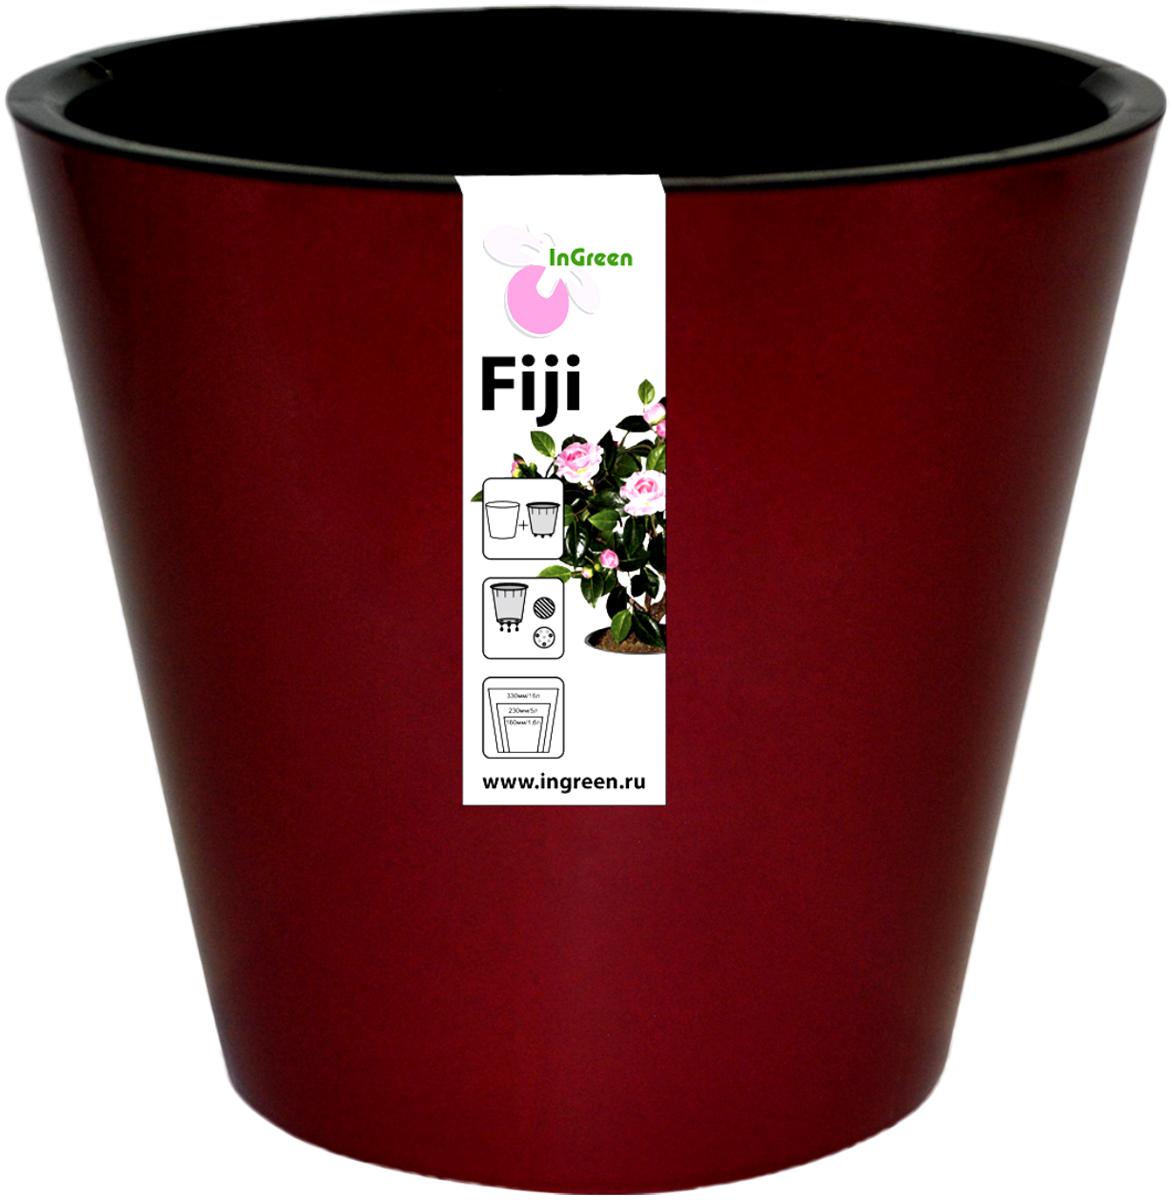 """Горшок для цветов InGreen """"Фиджи"""", с ситемой атополива, цвет: бордовый, диаметр 23 см ING1555БР"""